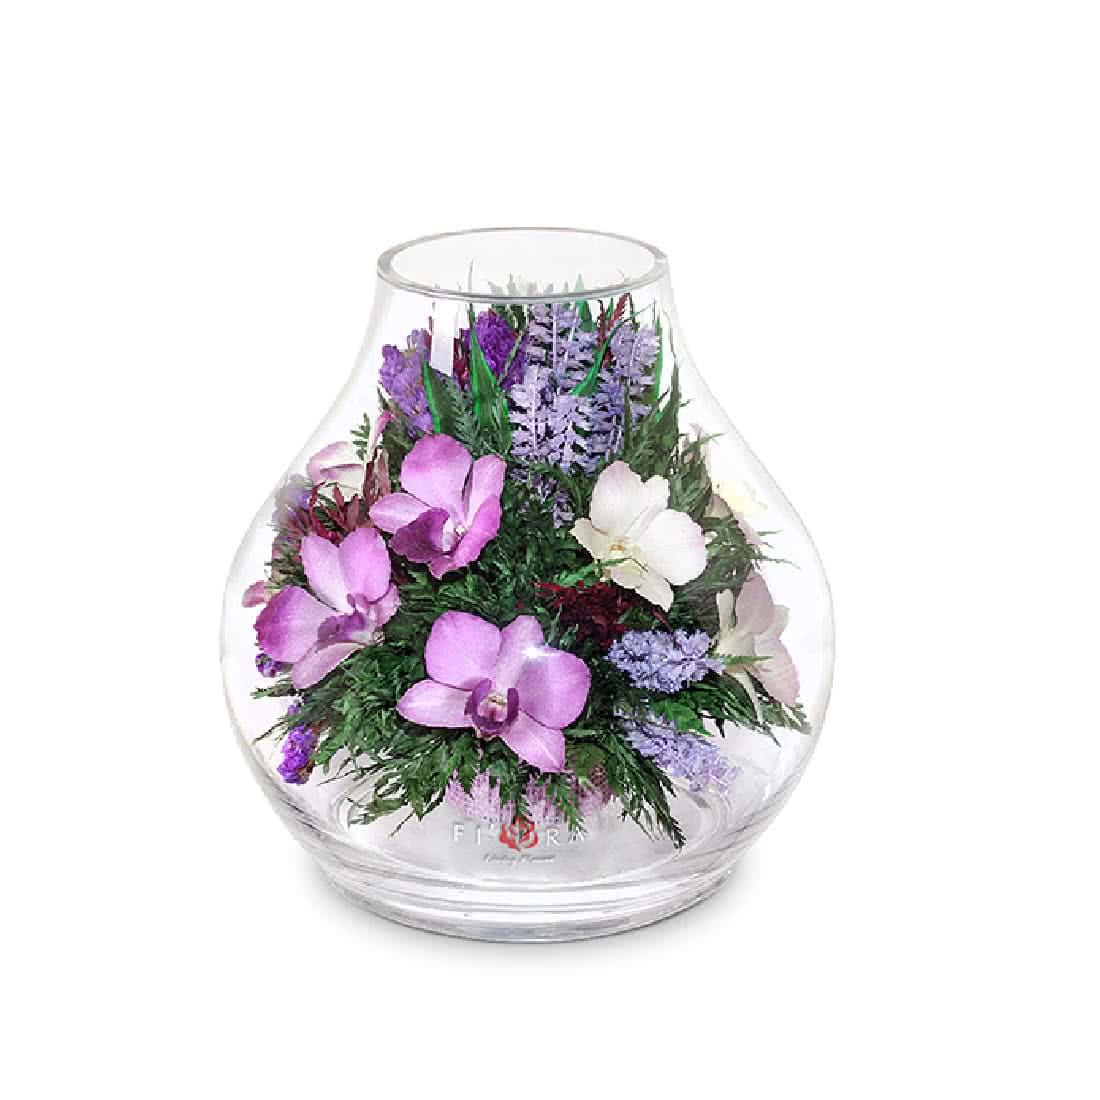 Интернет магазин цветы в вакууме купить, цветов розетта